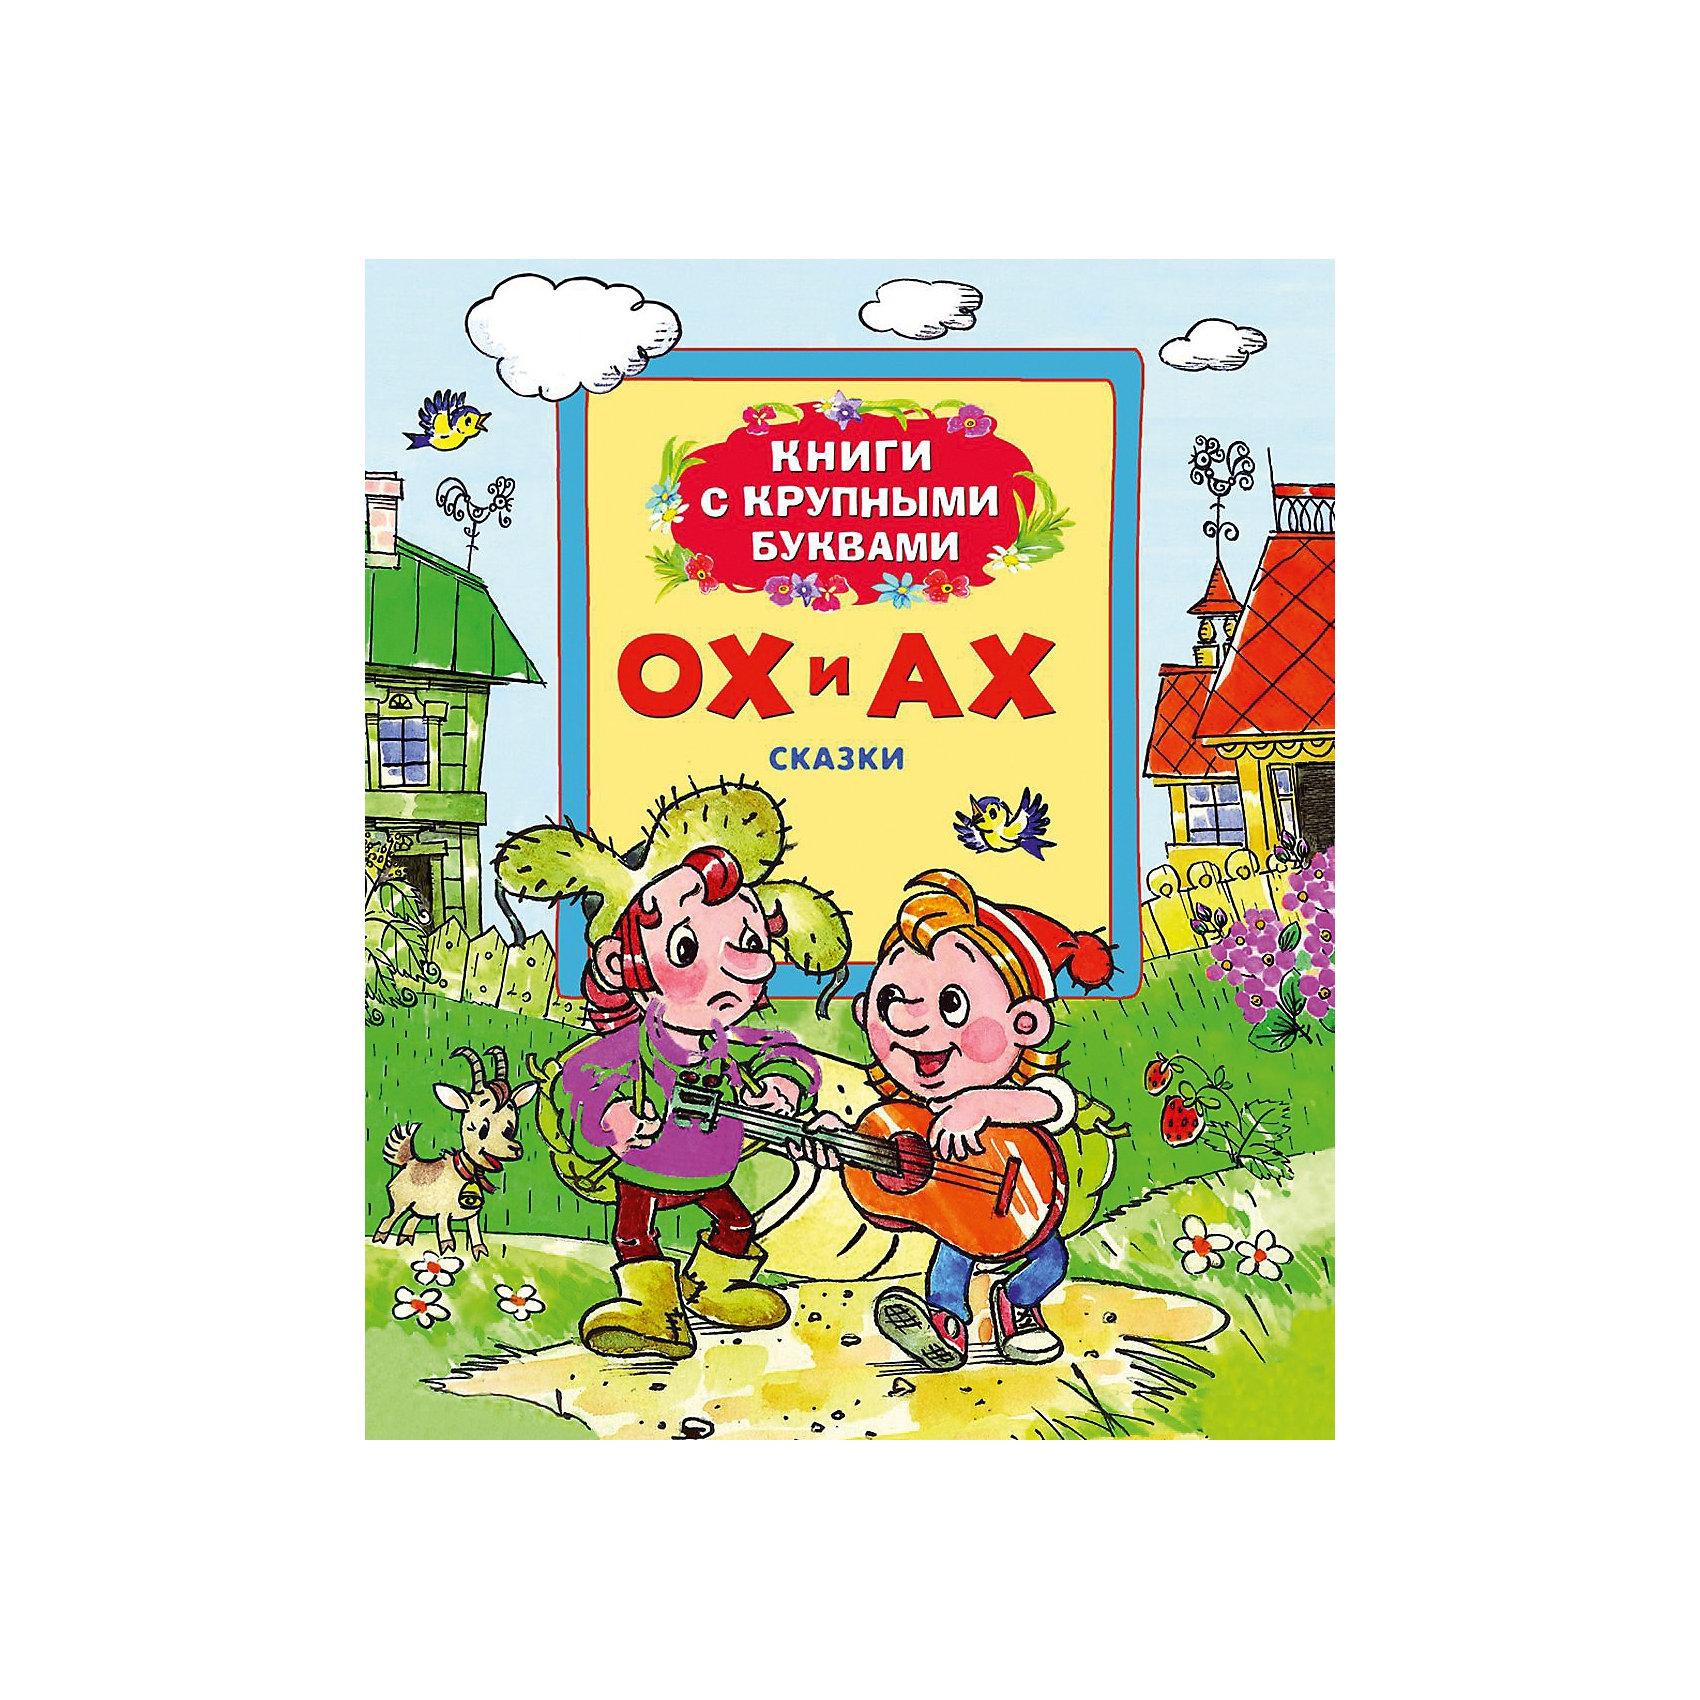 Книга с крупными буквами Ох и АхКниги по фильмам и мультфильмам<br>Ох и Ах (Книги с крупными буквами) -  в этот замечательный сборник вошли популярные сказки-мультфильмы, предназначенные для самостоятельного чтения детьми. Читая страницу за страницей, ребята познакомятся с сюжетом сказок и улучшат навыки чтения.&#13; Благодаря крупному, понятному шрифту, читать вашему ребенку будет легко и удобно.<br> <br>Дополнительная информация:<br><br>- Формат: 240х205 мм<br>- Количество страниц: 32 стр.<br>- Переплет: твердый.<br>- Автор: Л. Зубкова, В. Капнинский<br>- Иллюстратор: Т. Сазоновой, Ю. Прыткова, А. Никольской.<br>- Сказки: Ох и Ах!, Приключения на плоту<br>- Иллюстрации: цветные<br><br><br>Книгу Ох и Ах (Книги с крупными буквами) можно купить в нашем магазине.<br><br>Ширина мм: 240<br>Глубина мм: 205<br>Высота мм: 8<br>Вес г: 295<br>Возраст от месяцев: 36<br>Возраст до месяцев: 84<br>Пол: Унисекс<br>Возраст: Детский<br>SKU: 3895267